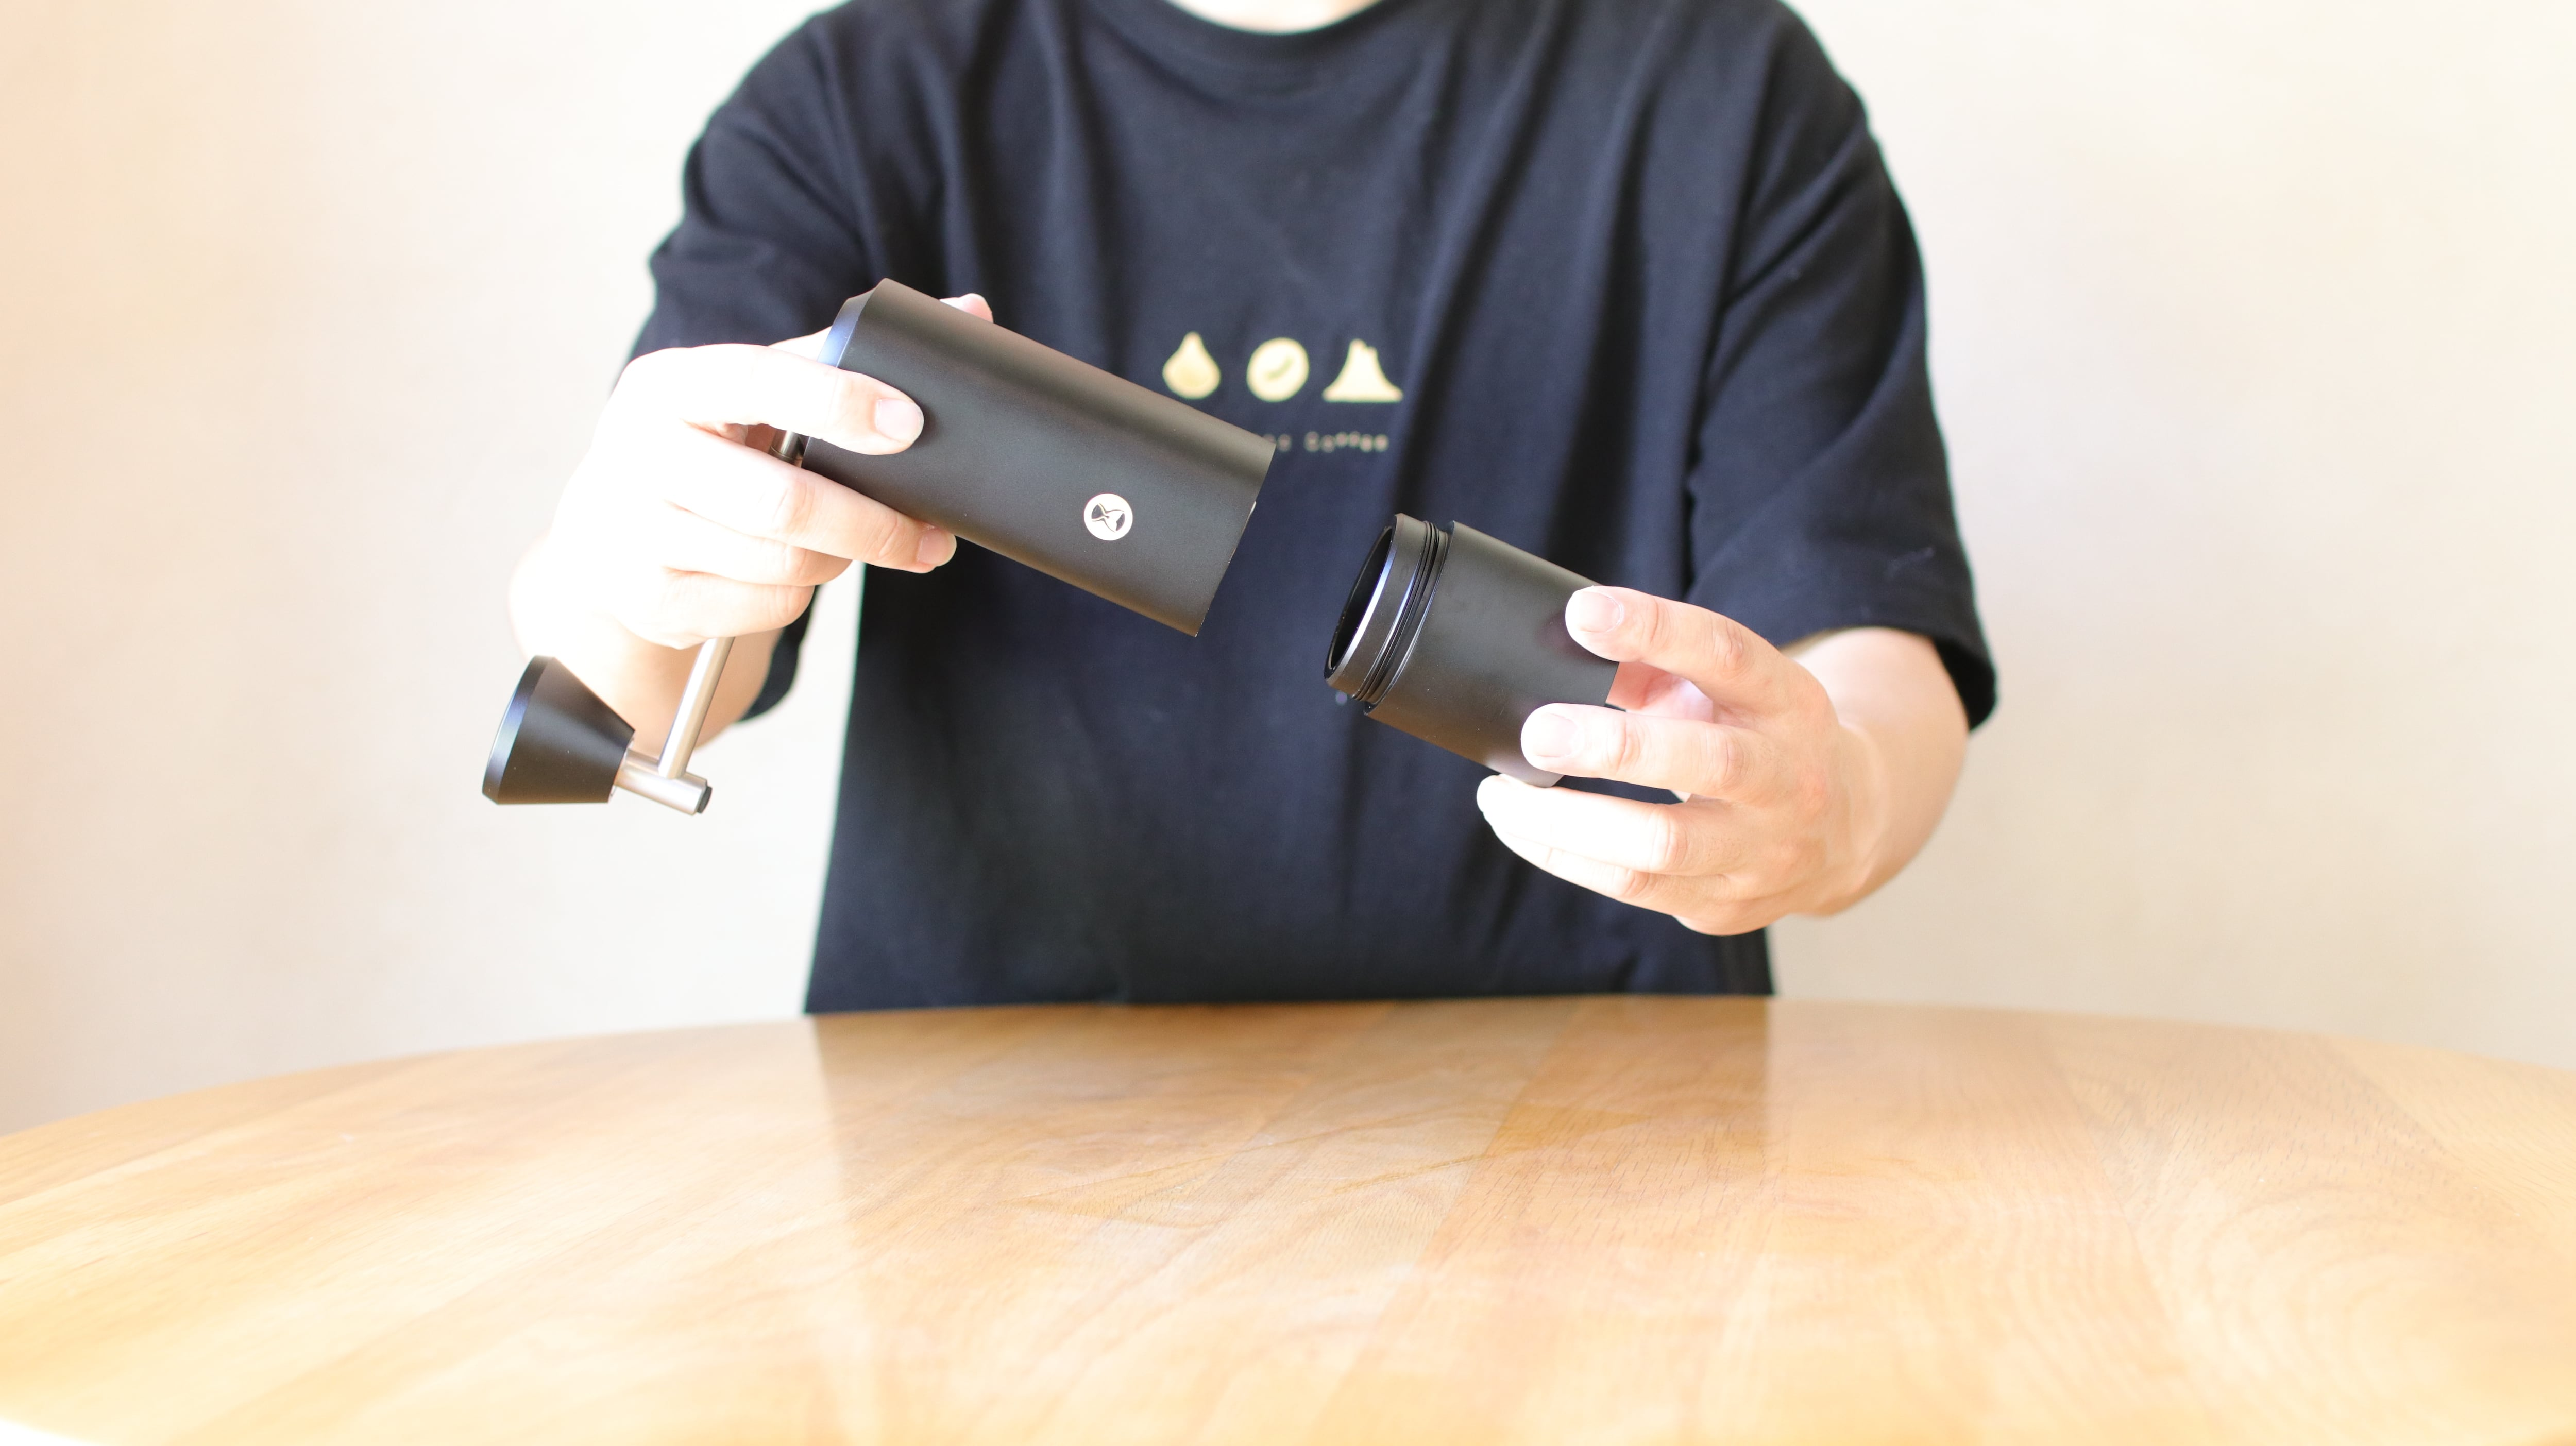 タイムモア X-black(手挽きミル)正規輸入/1年保証付